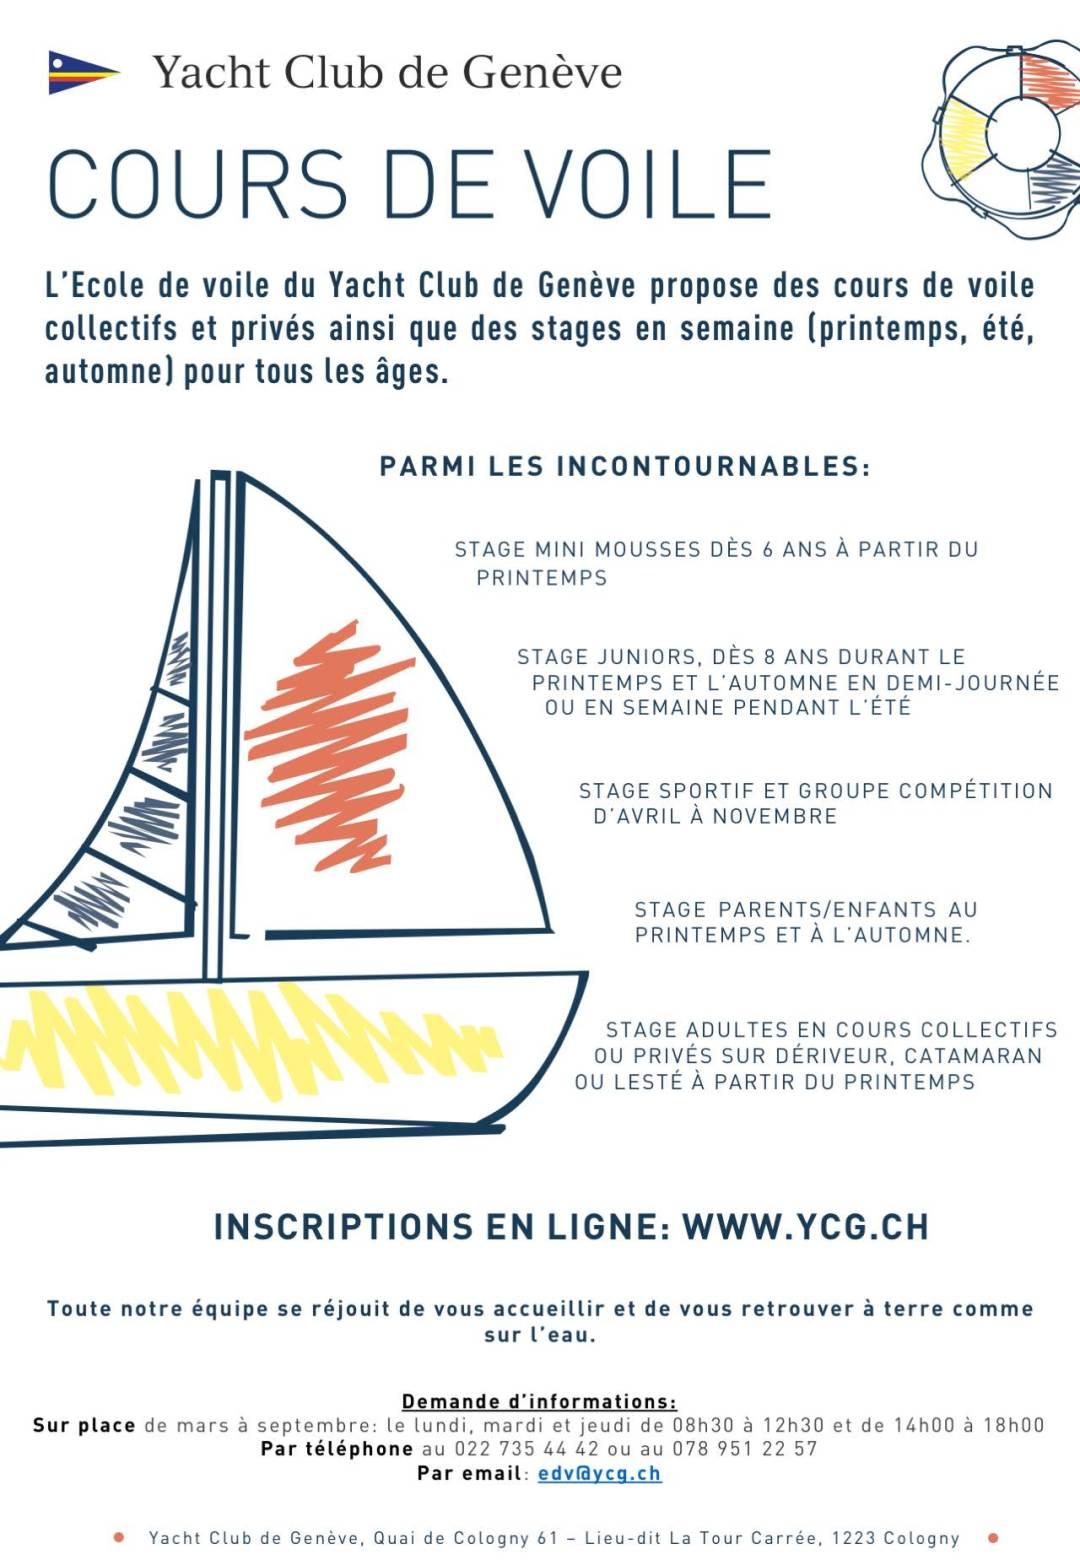 Affiche des cours de voile du Yacht Club de Genève